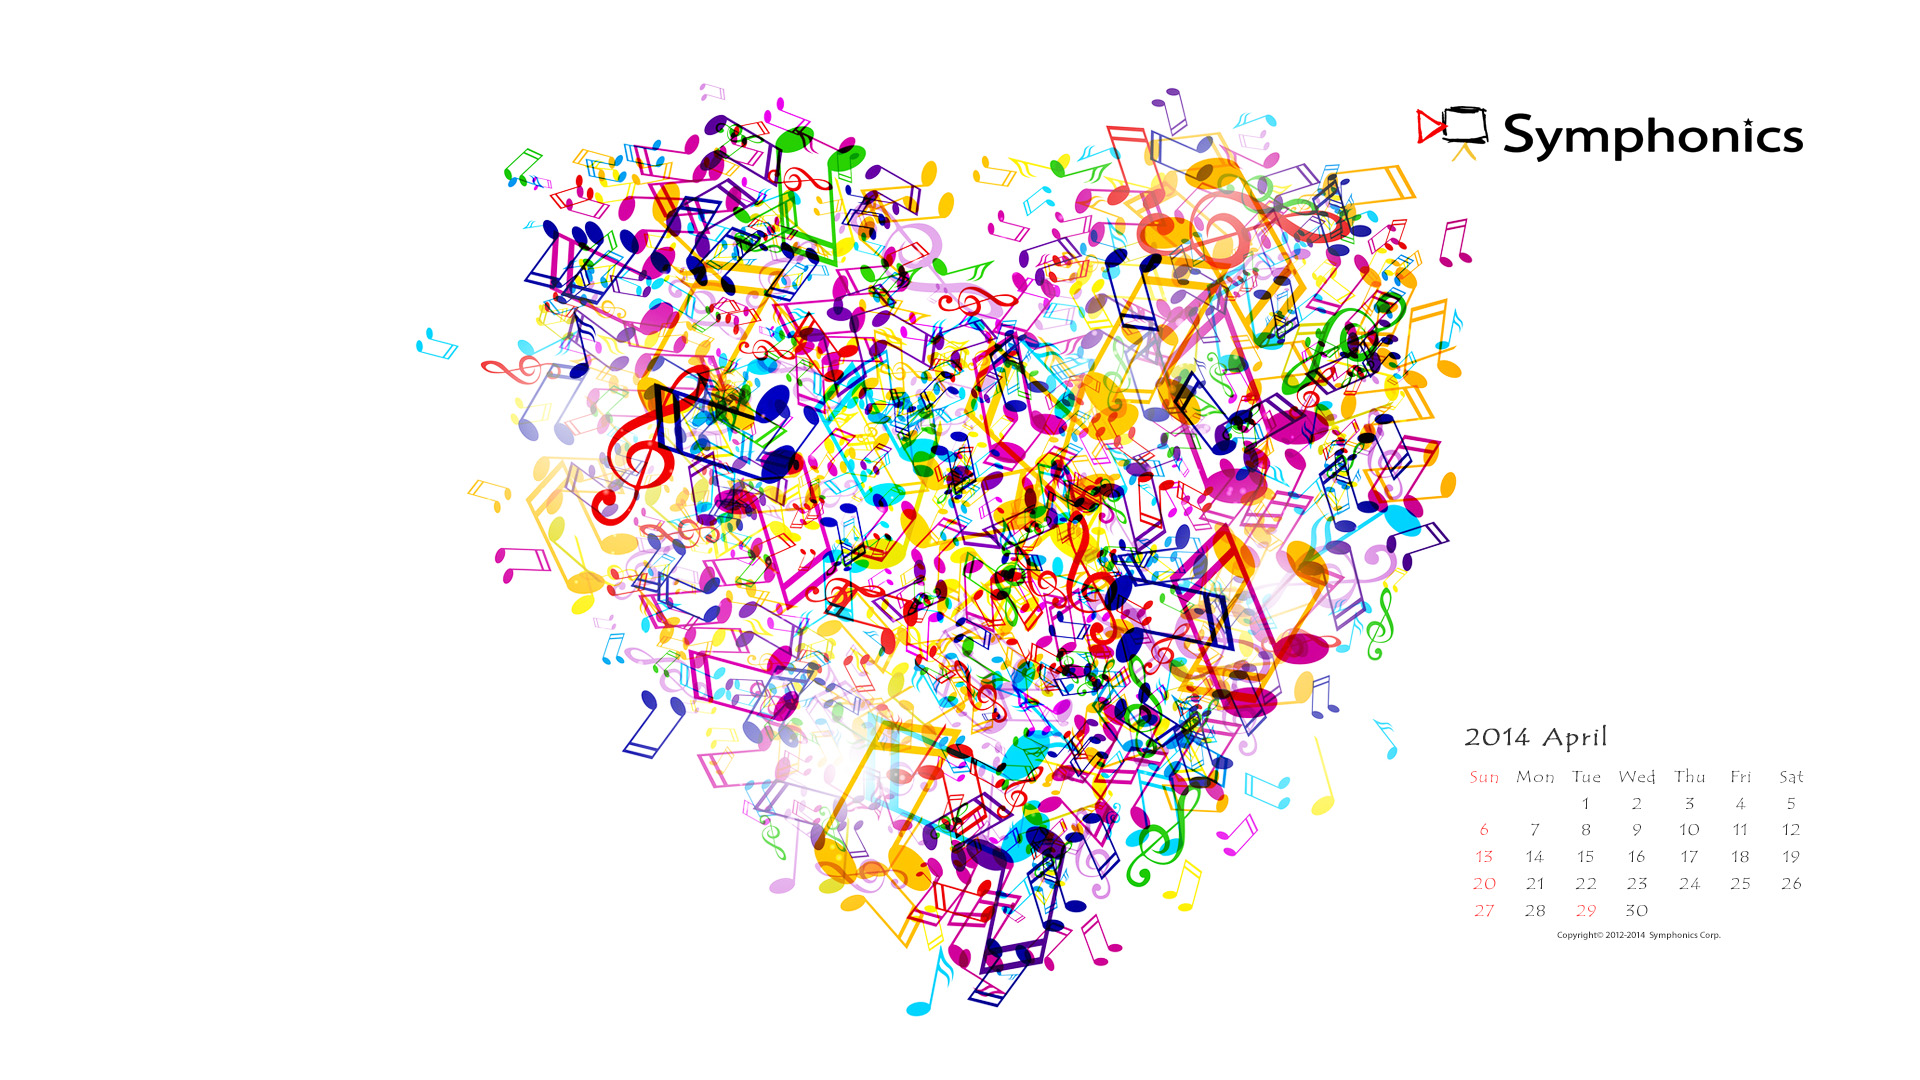 Symphonics シンフォニクス株式会社 映像制作 技術 オーケストラ コンサートdvd ビデオ撮影 14年4月のsymphonics壁紙